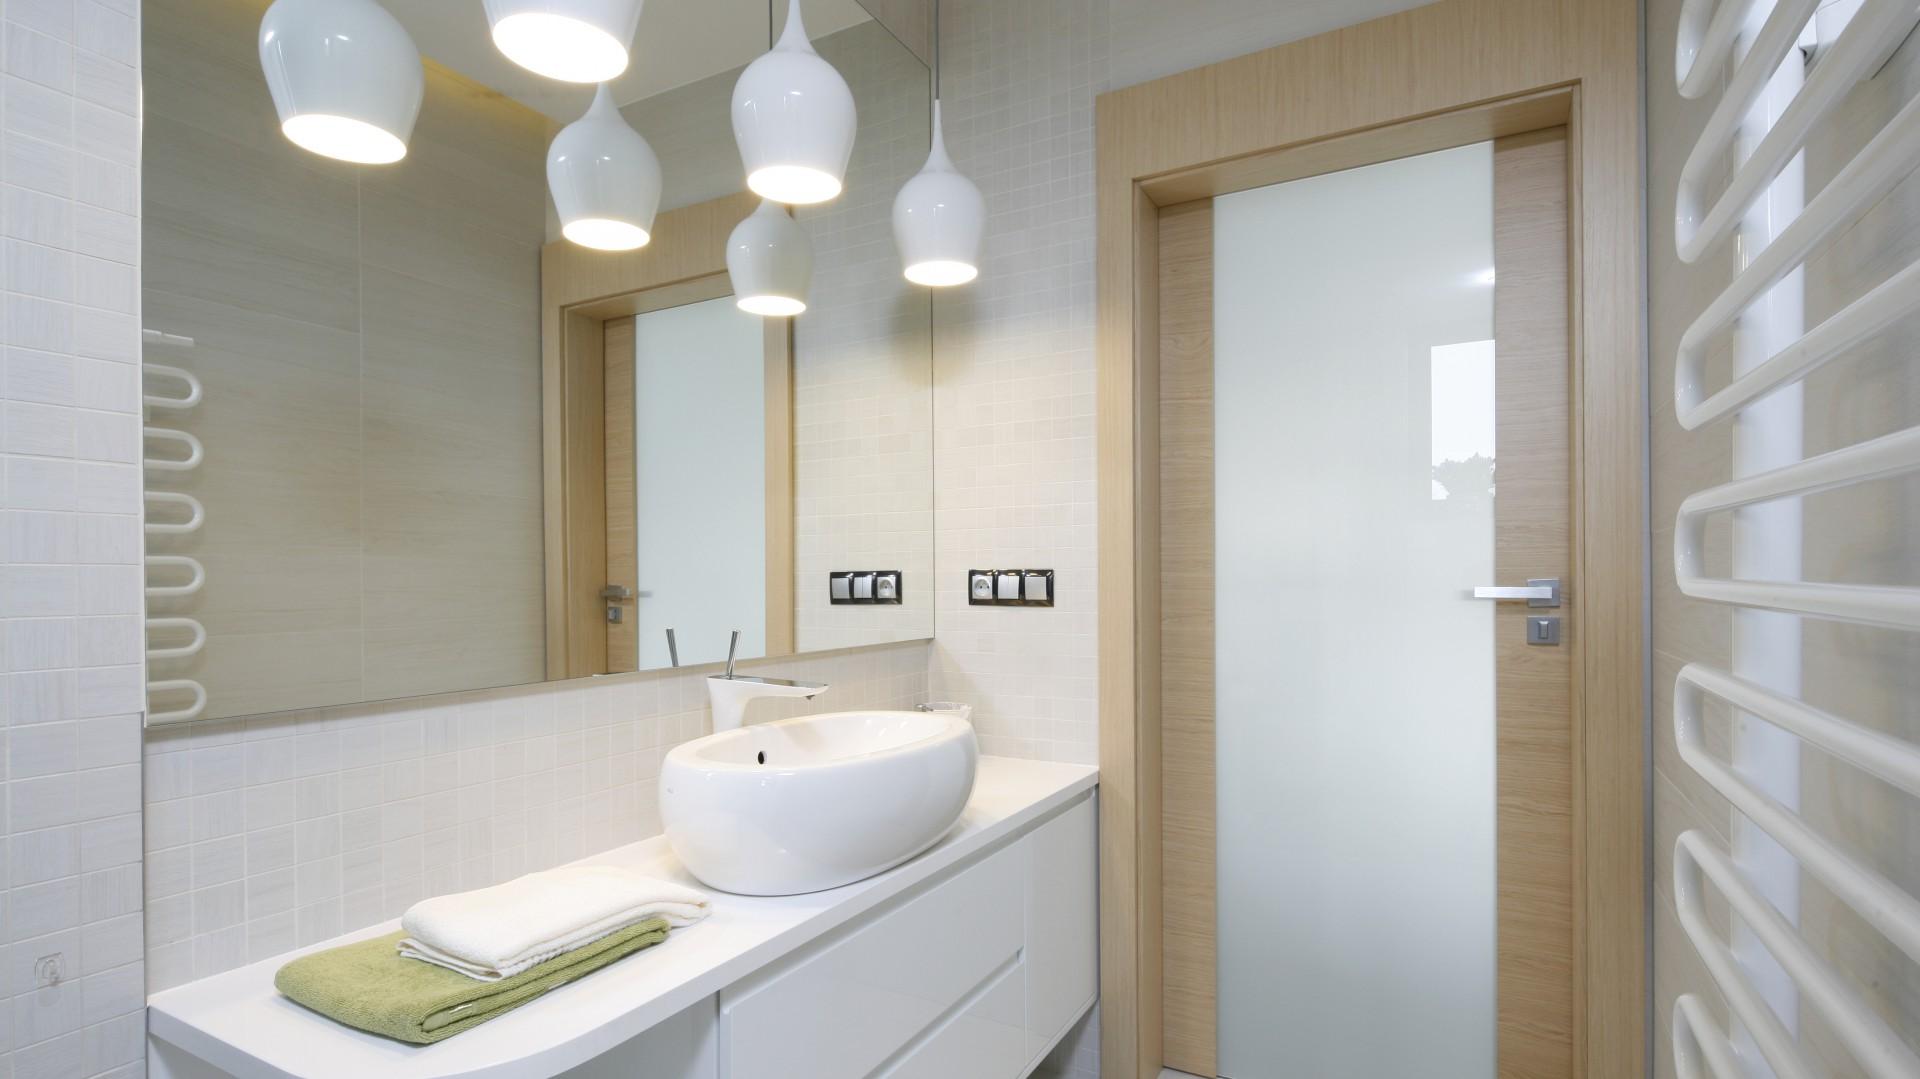 Biała łazienka 10 Pięknych Projektów